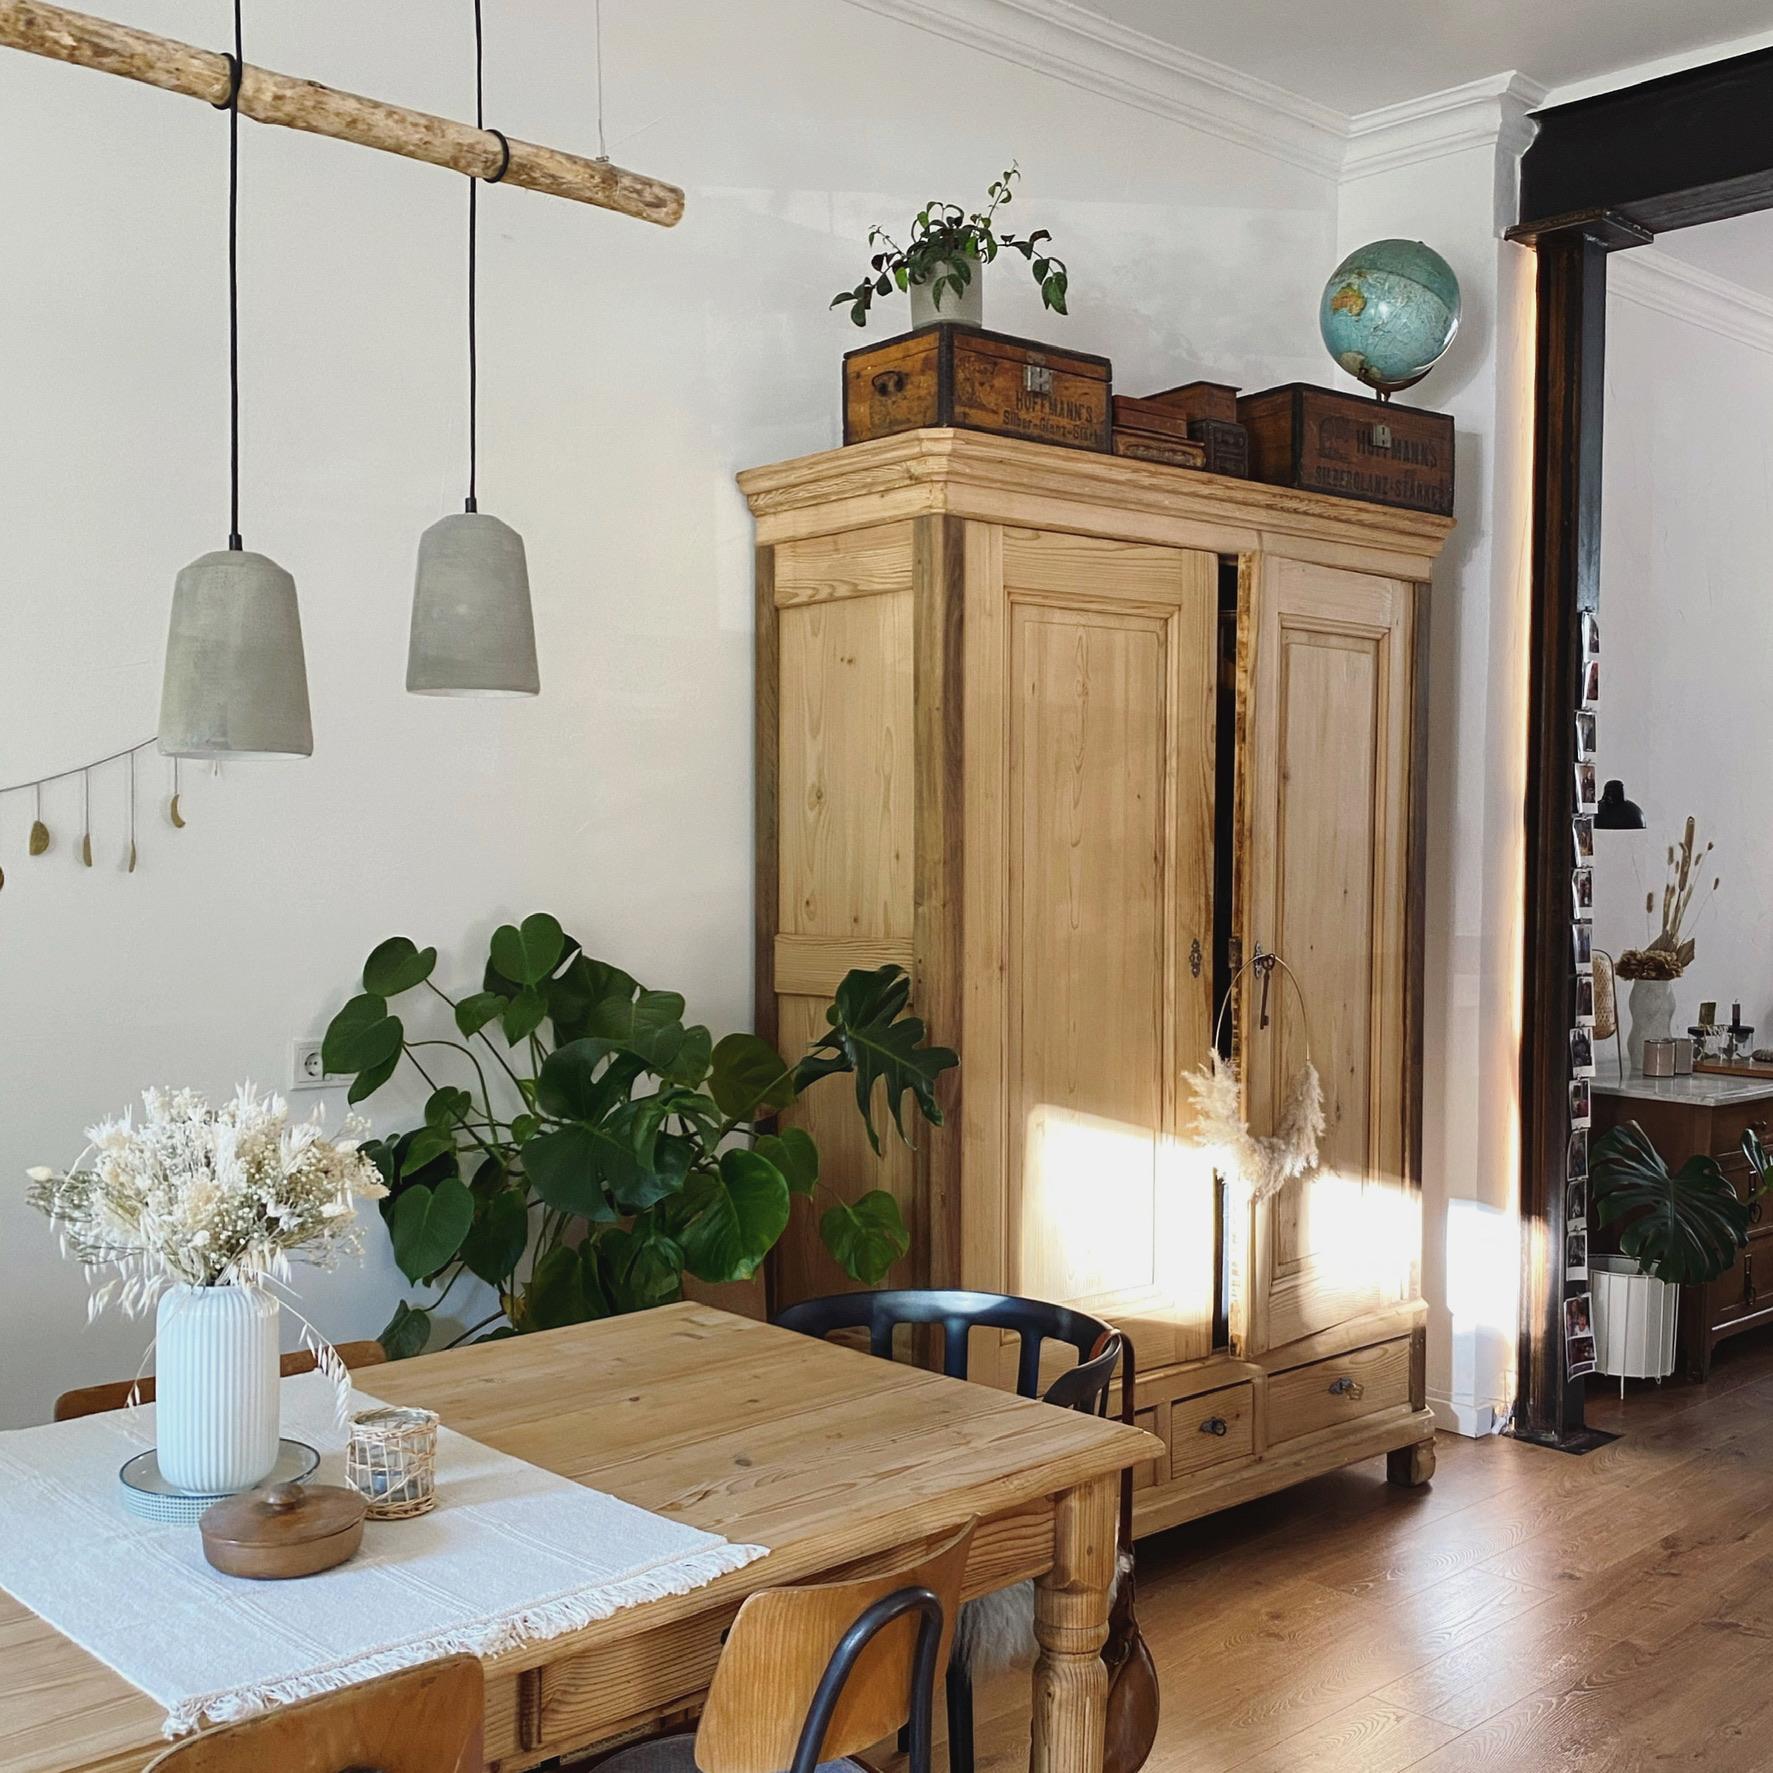 Wohnzimmer mit Schrank und Essbereich